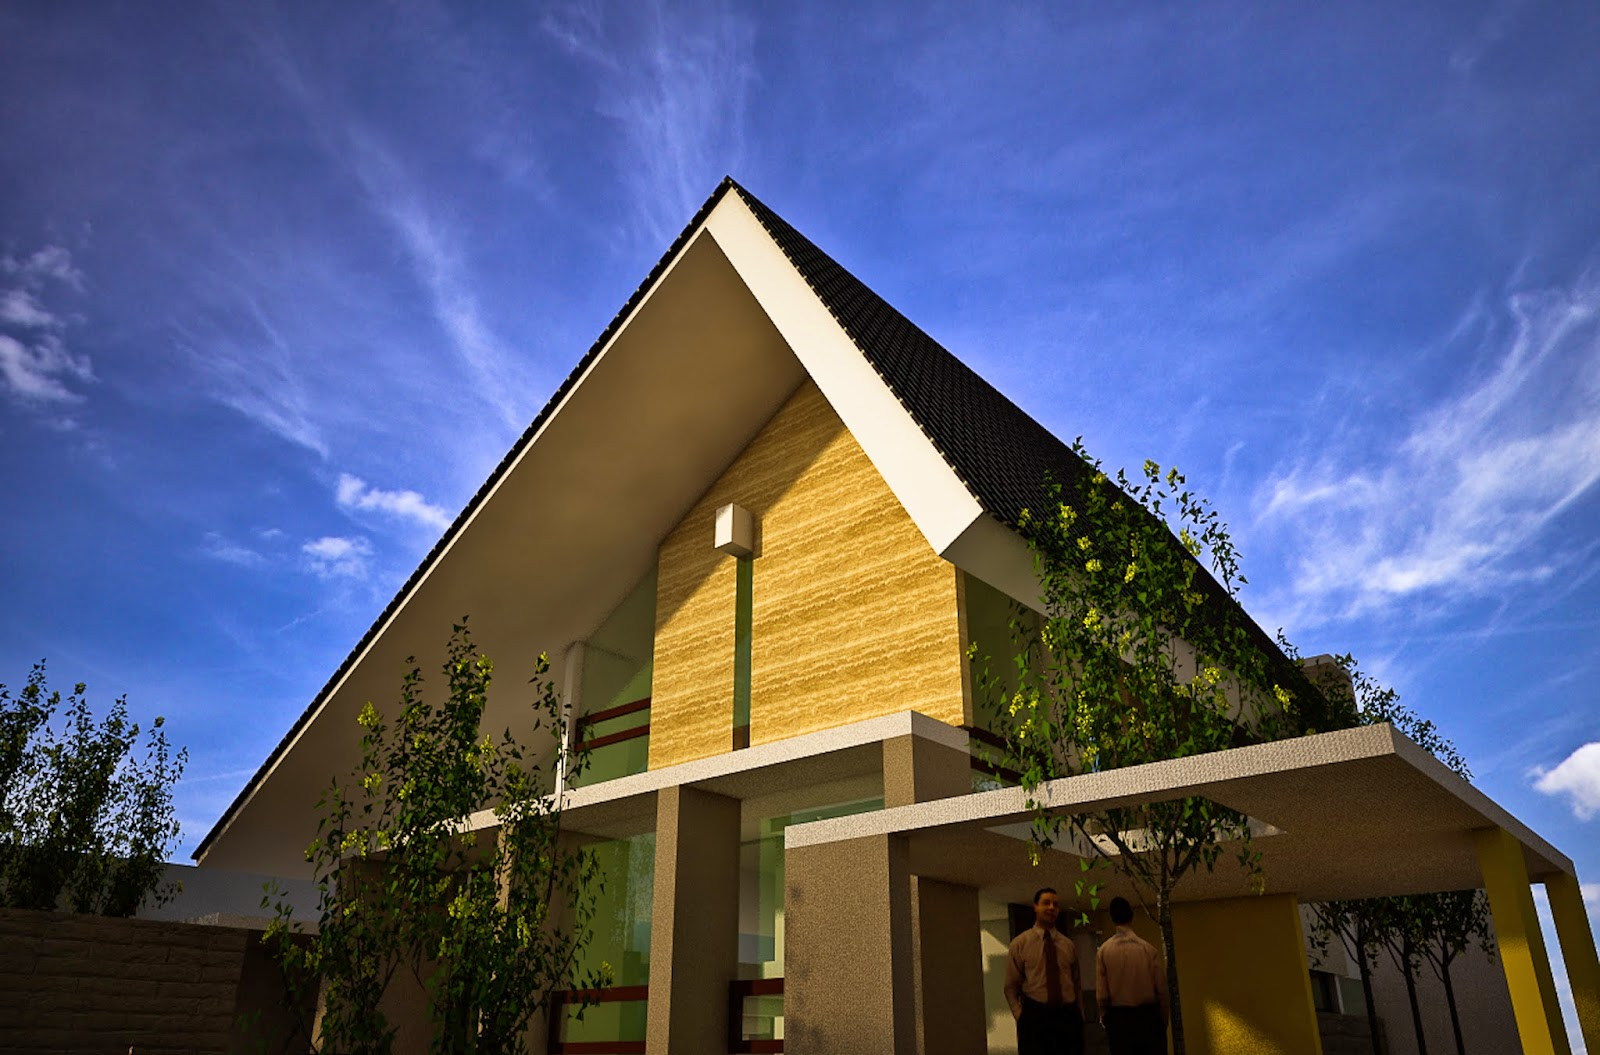 7 Macam Desain Atap Rumah dan Fungsinya